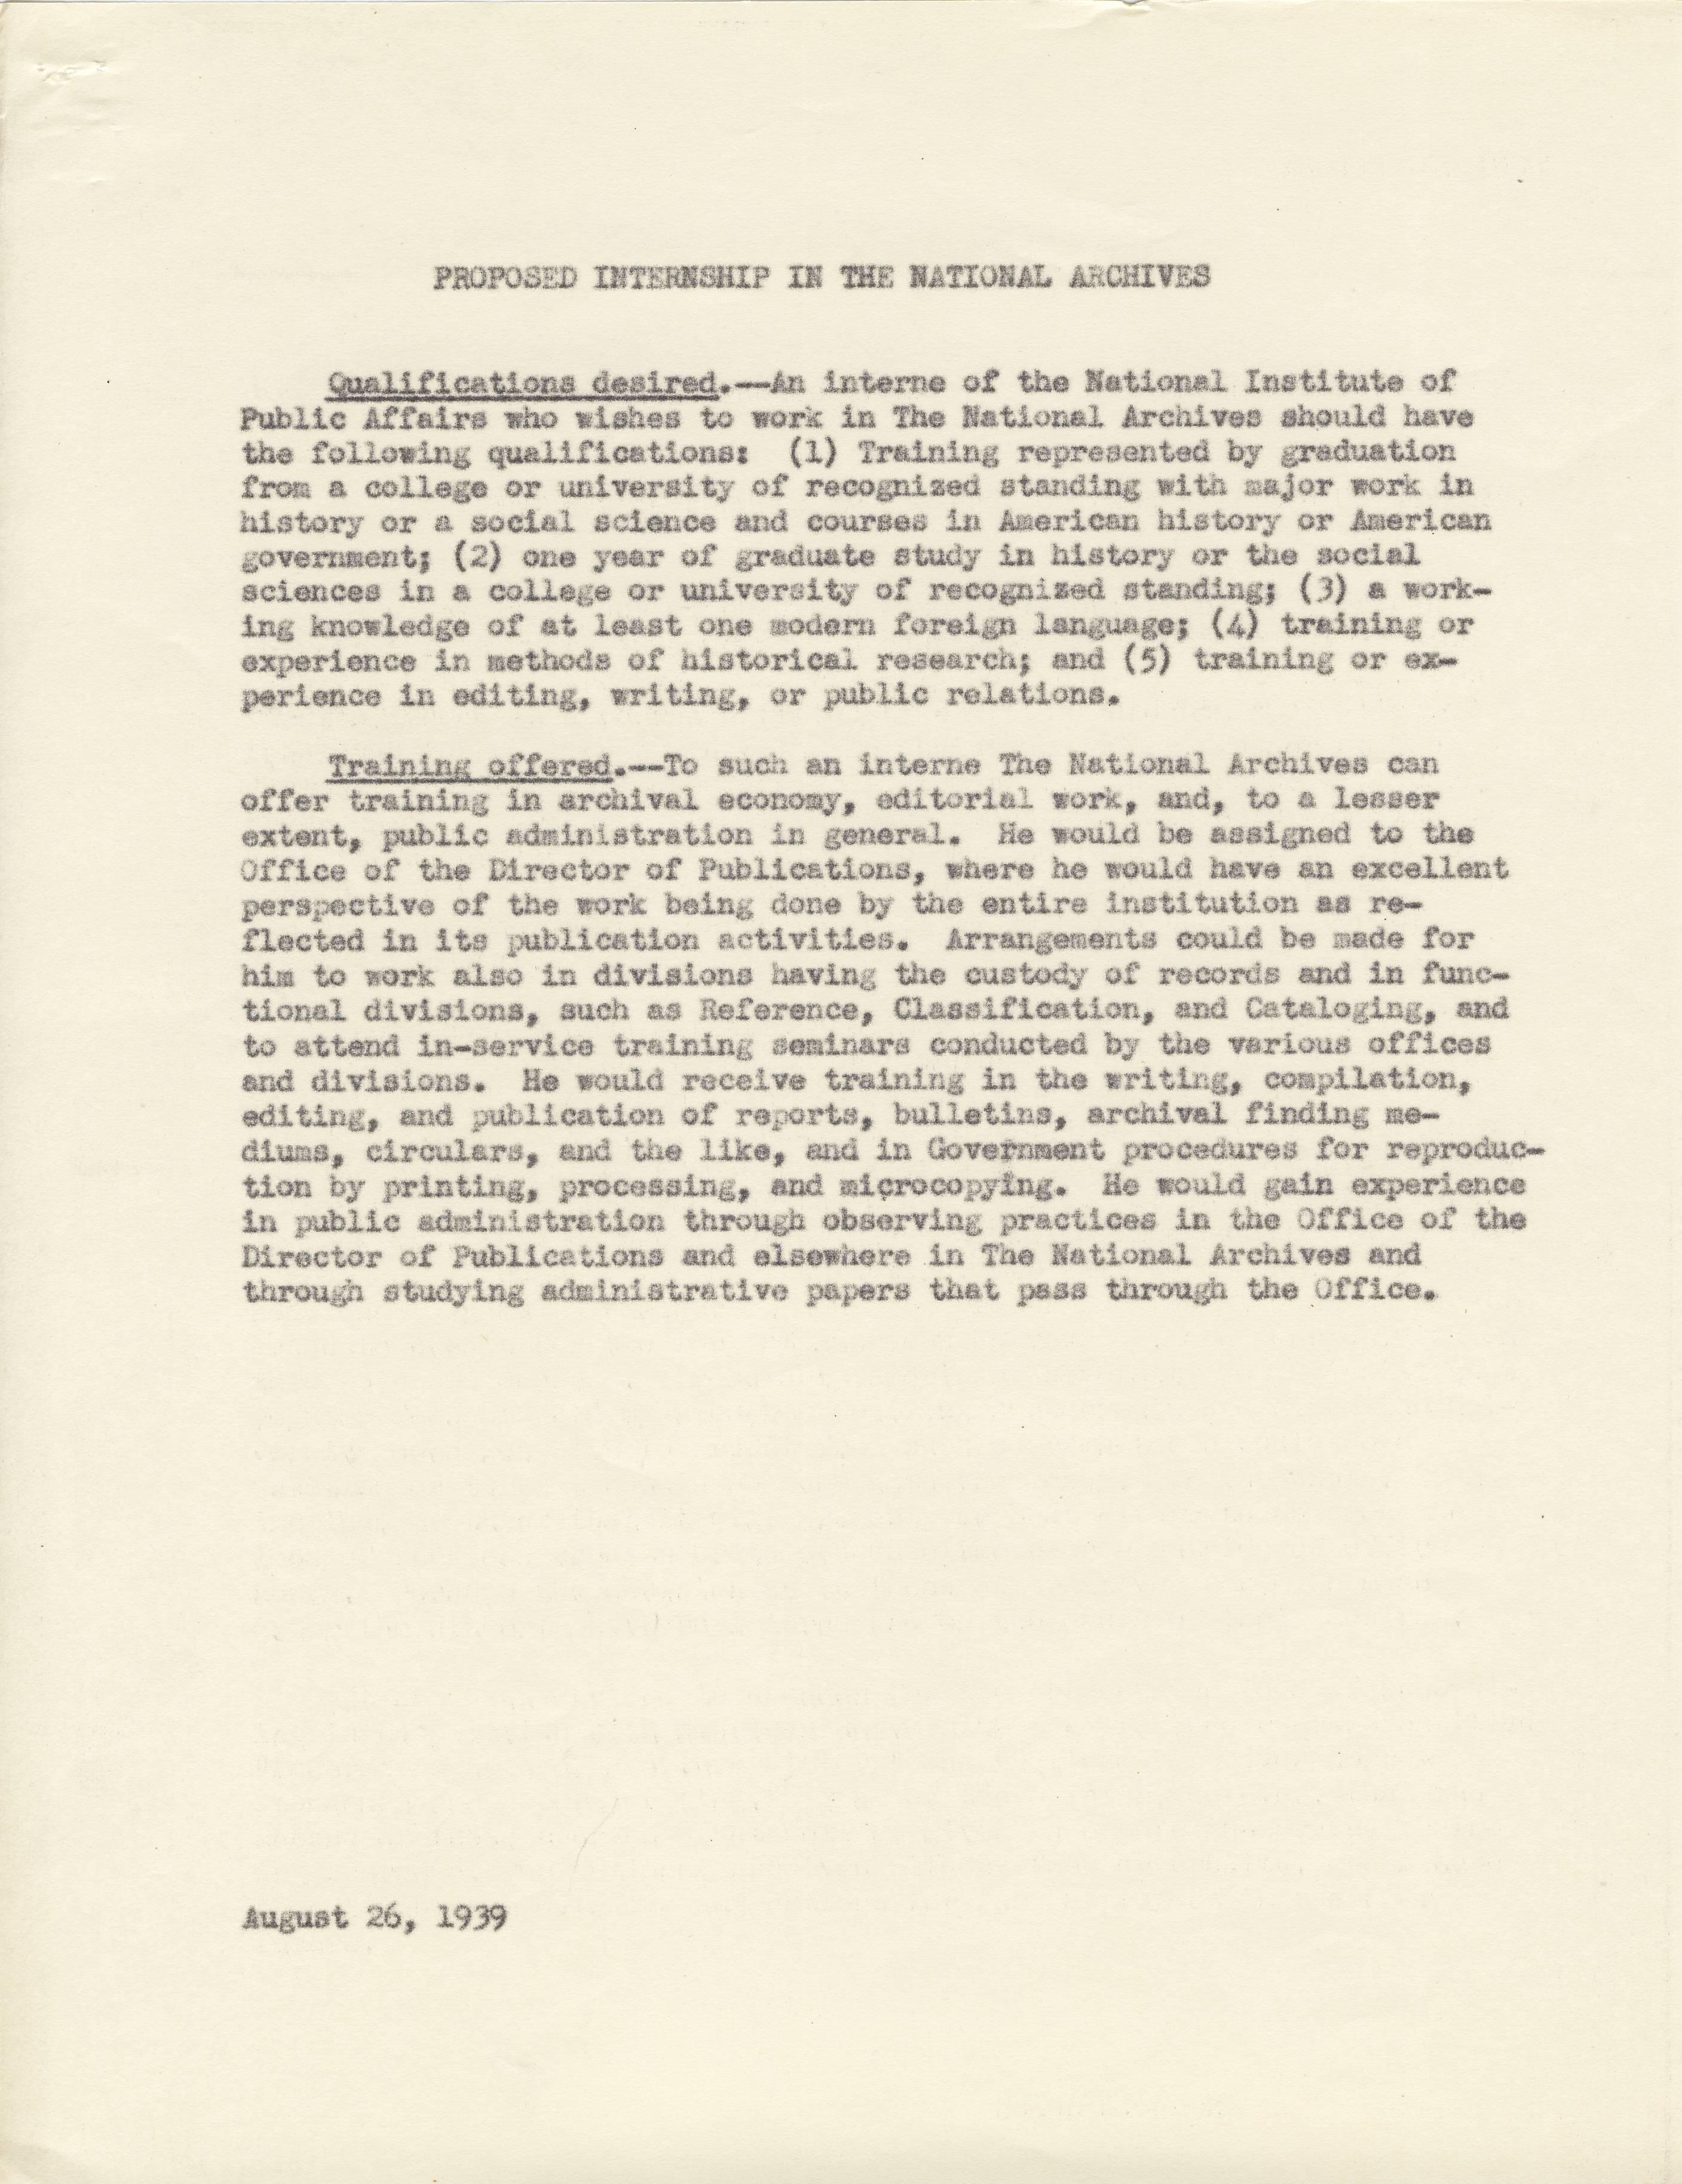 NA Response to NIPA, Aug. 1939, p. 2 - RG 64, A1 1, file 77.6 Internships, box 40